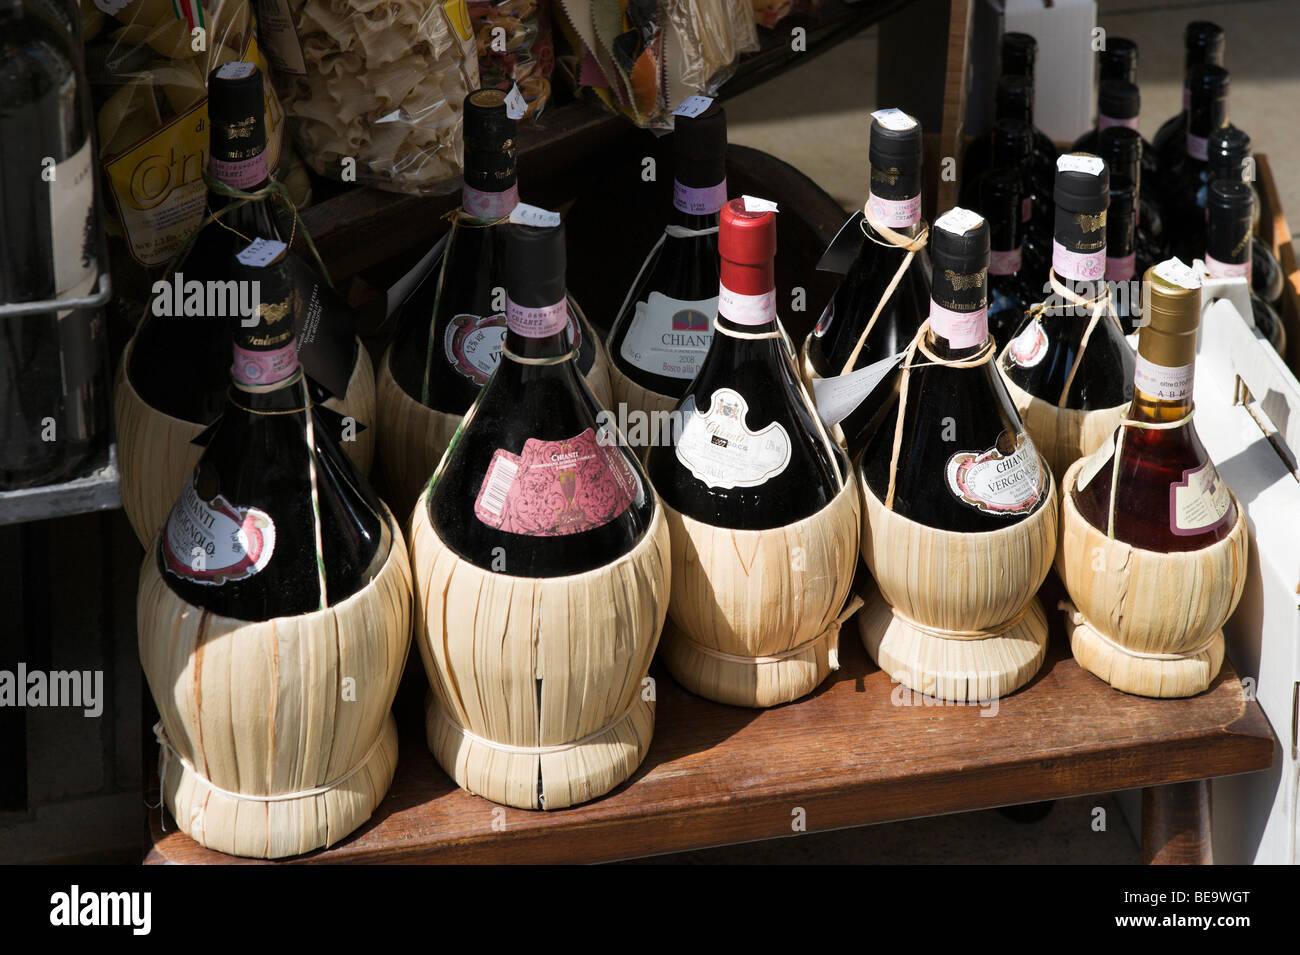 Negozio di vendita locale vino chianti in bottiglie tradizionali (fiaschi), la città vecchia, San Gimignano, Immagini Stock